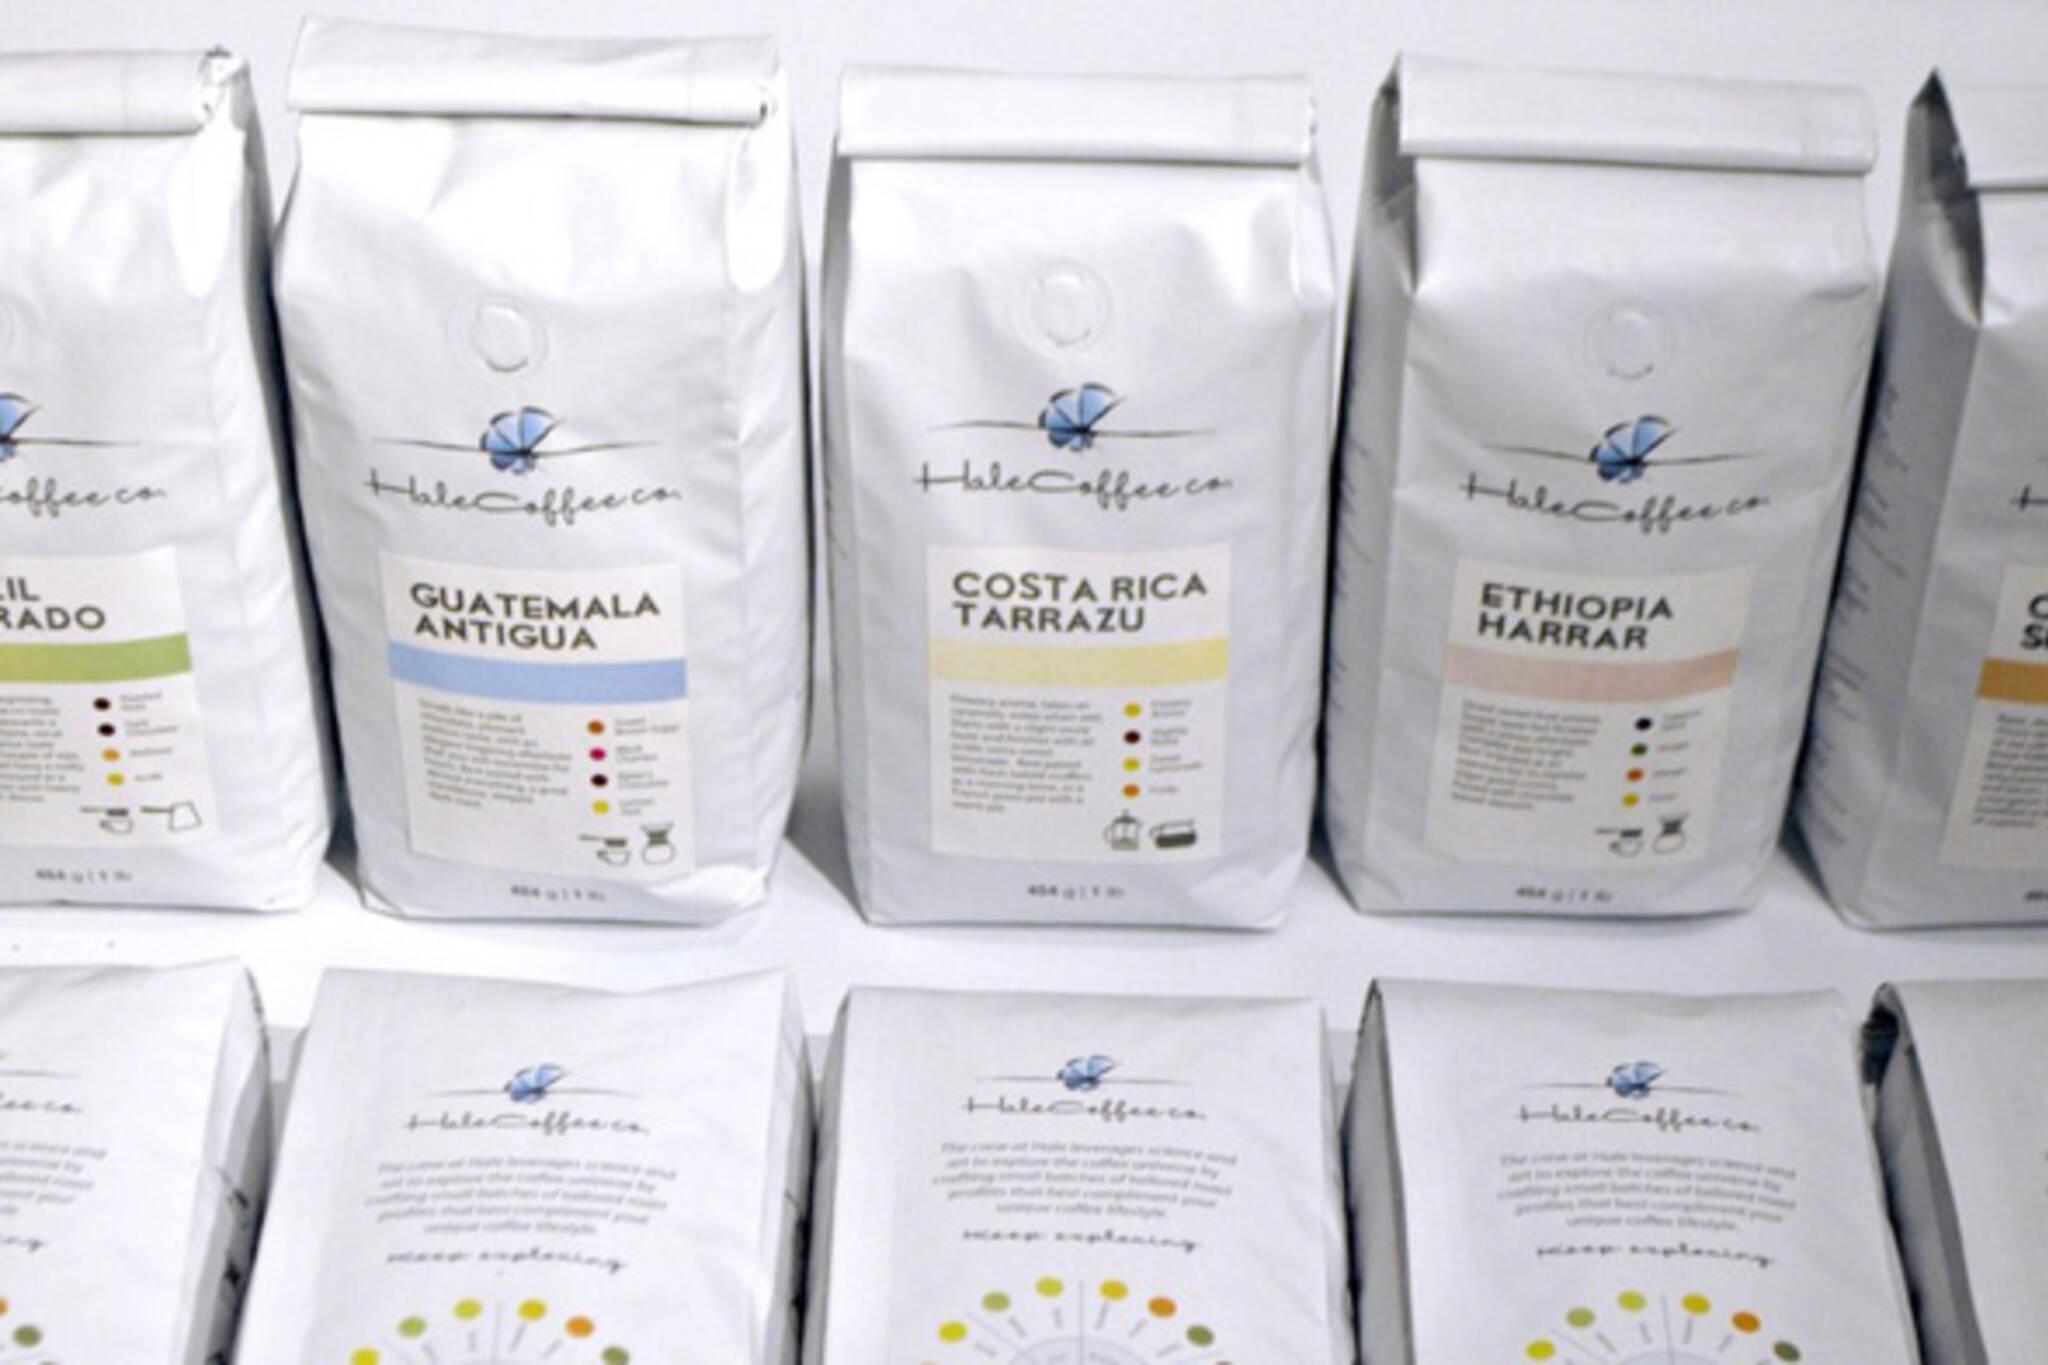 Hale Coffee